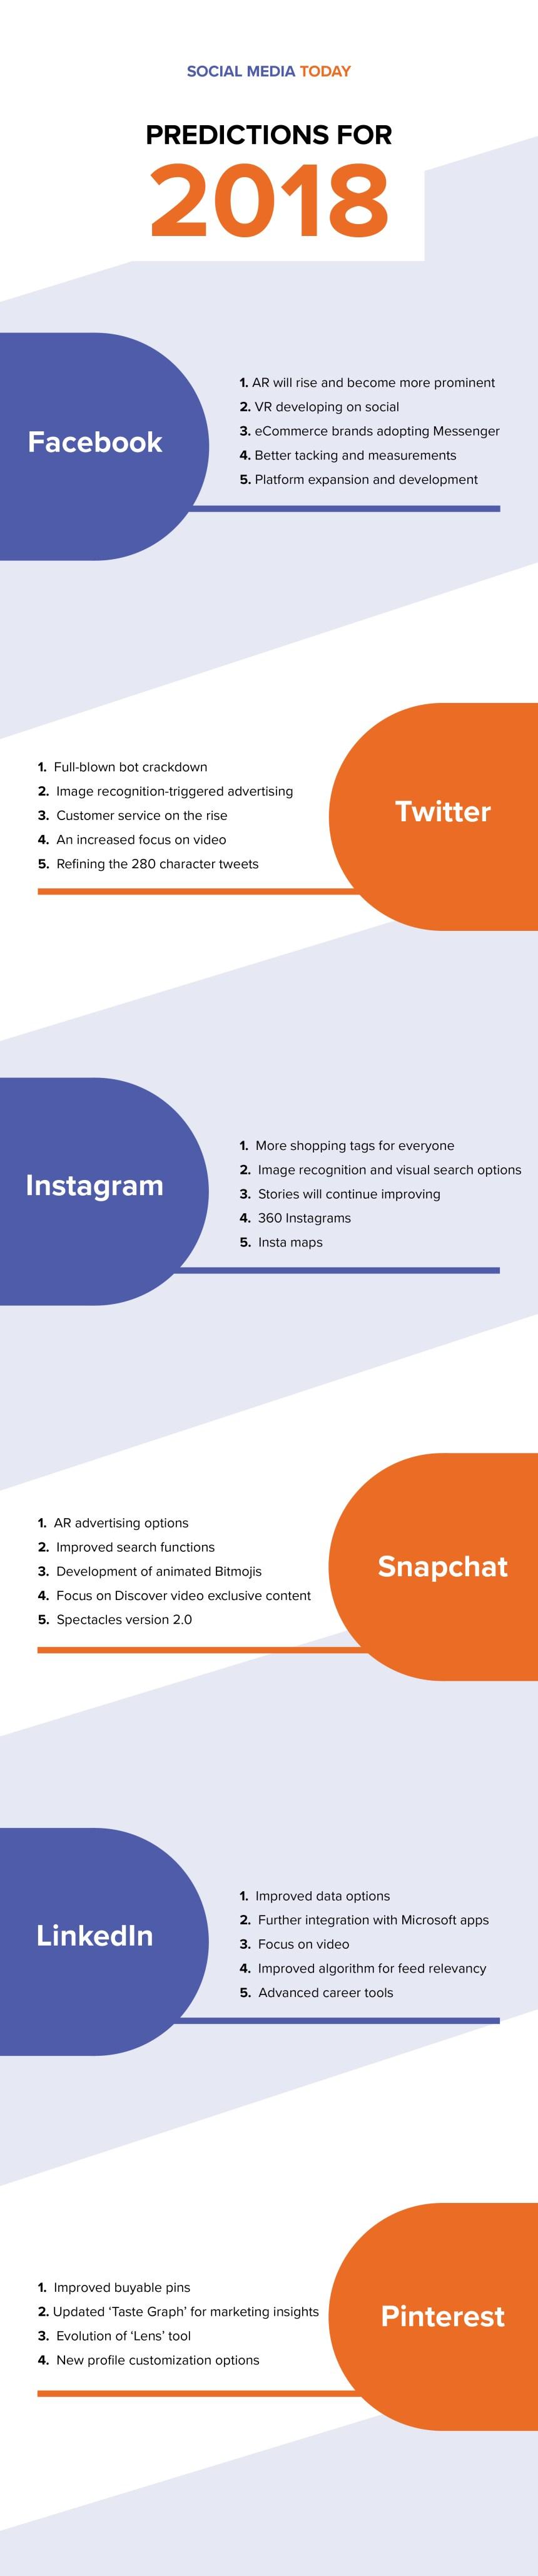 Algunas predicciones sobre Redes Sociales para 2018